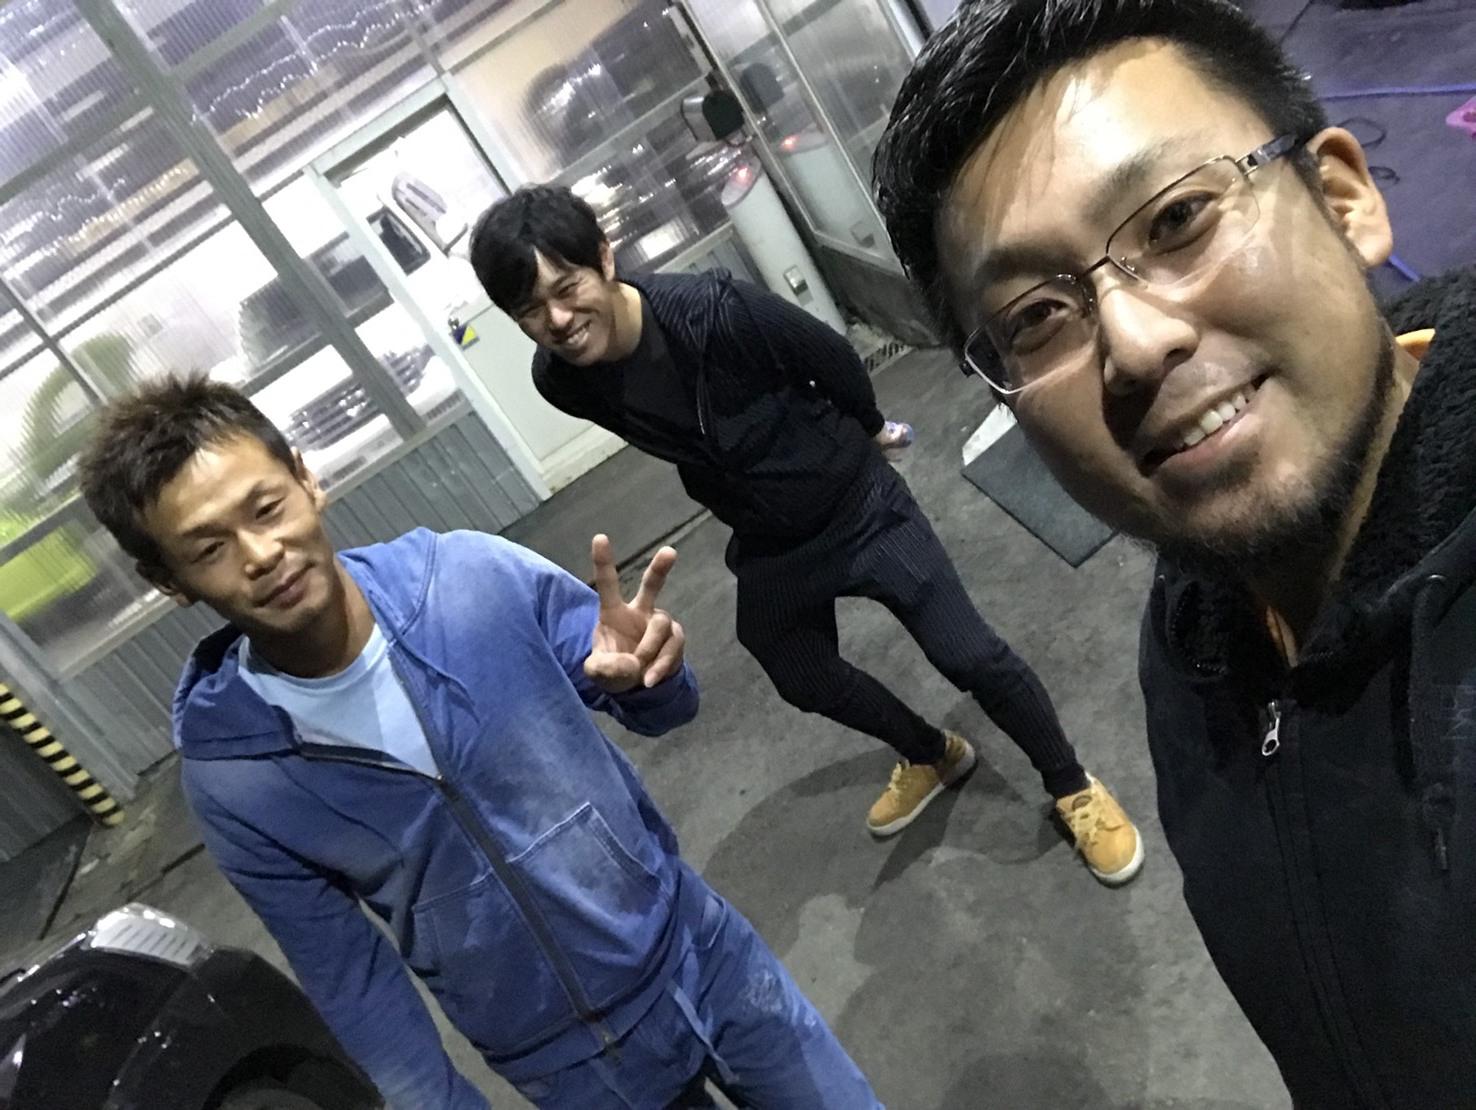 3月30日(金)トミーベース カスタムブログ☆S社様、新車のヴェルファイア到着☆カマロカスタム中☆_b0127002_11550559.jpg